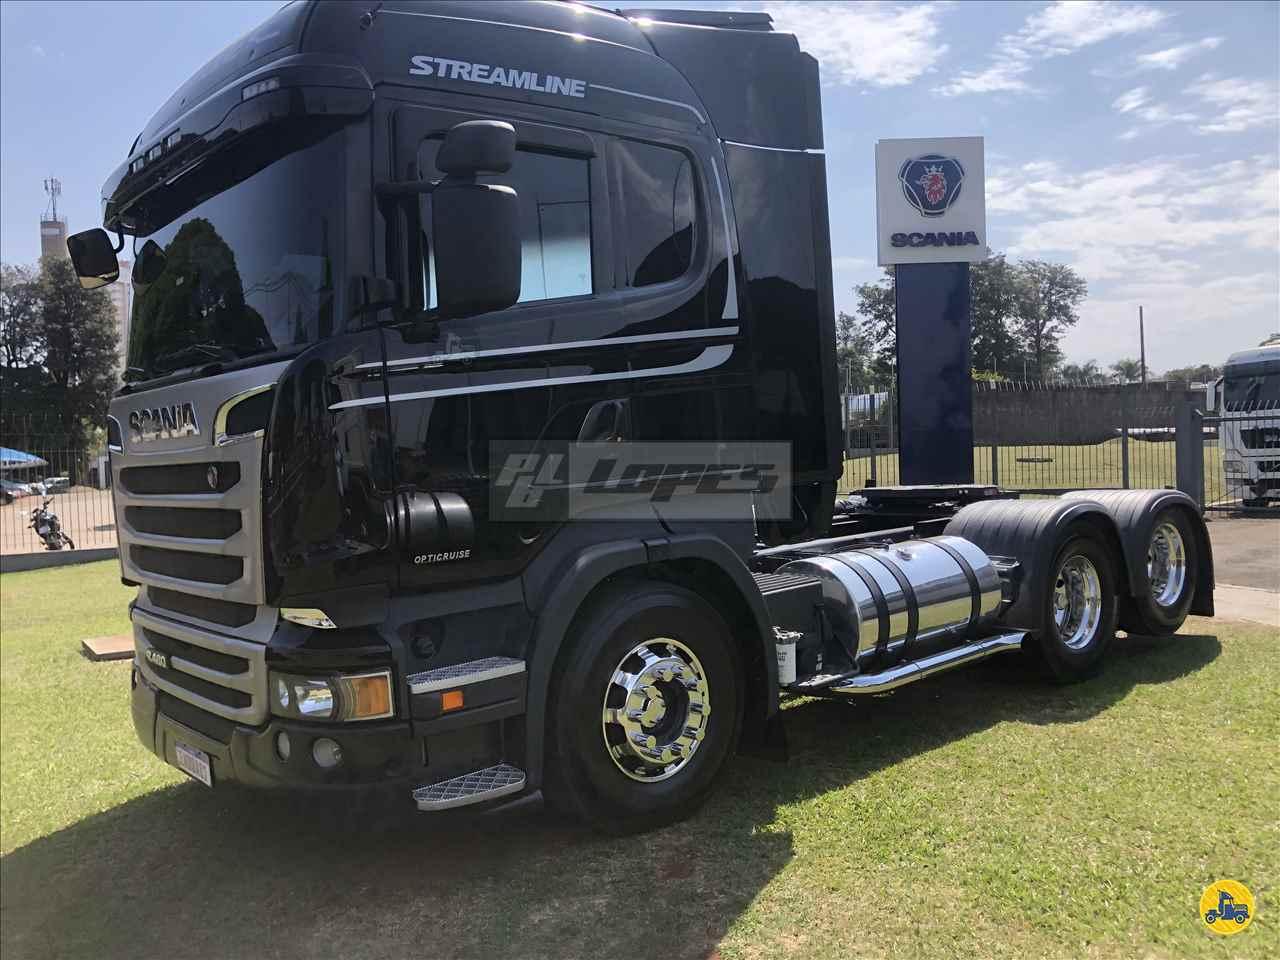 CAMINHAO SCANIA SCANIA 480 Cavalo Mecânico Truck 6x2 P.B. Lopes - Scania MARINGA PARANÁ PR